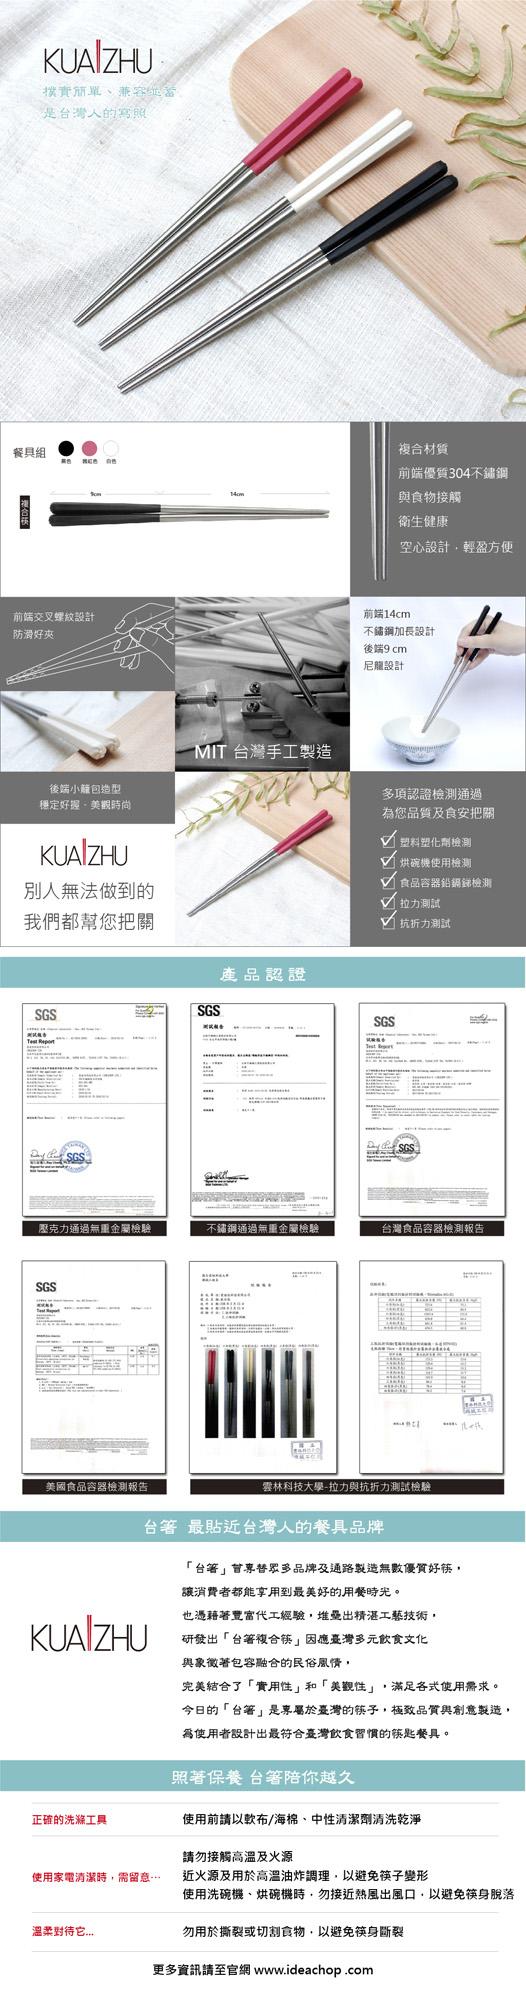 台箸 KUAI ZHU|創意六角好筷23cm 象牙白 10雙入